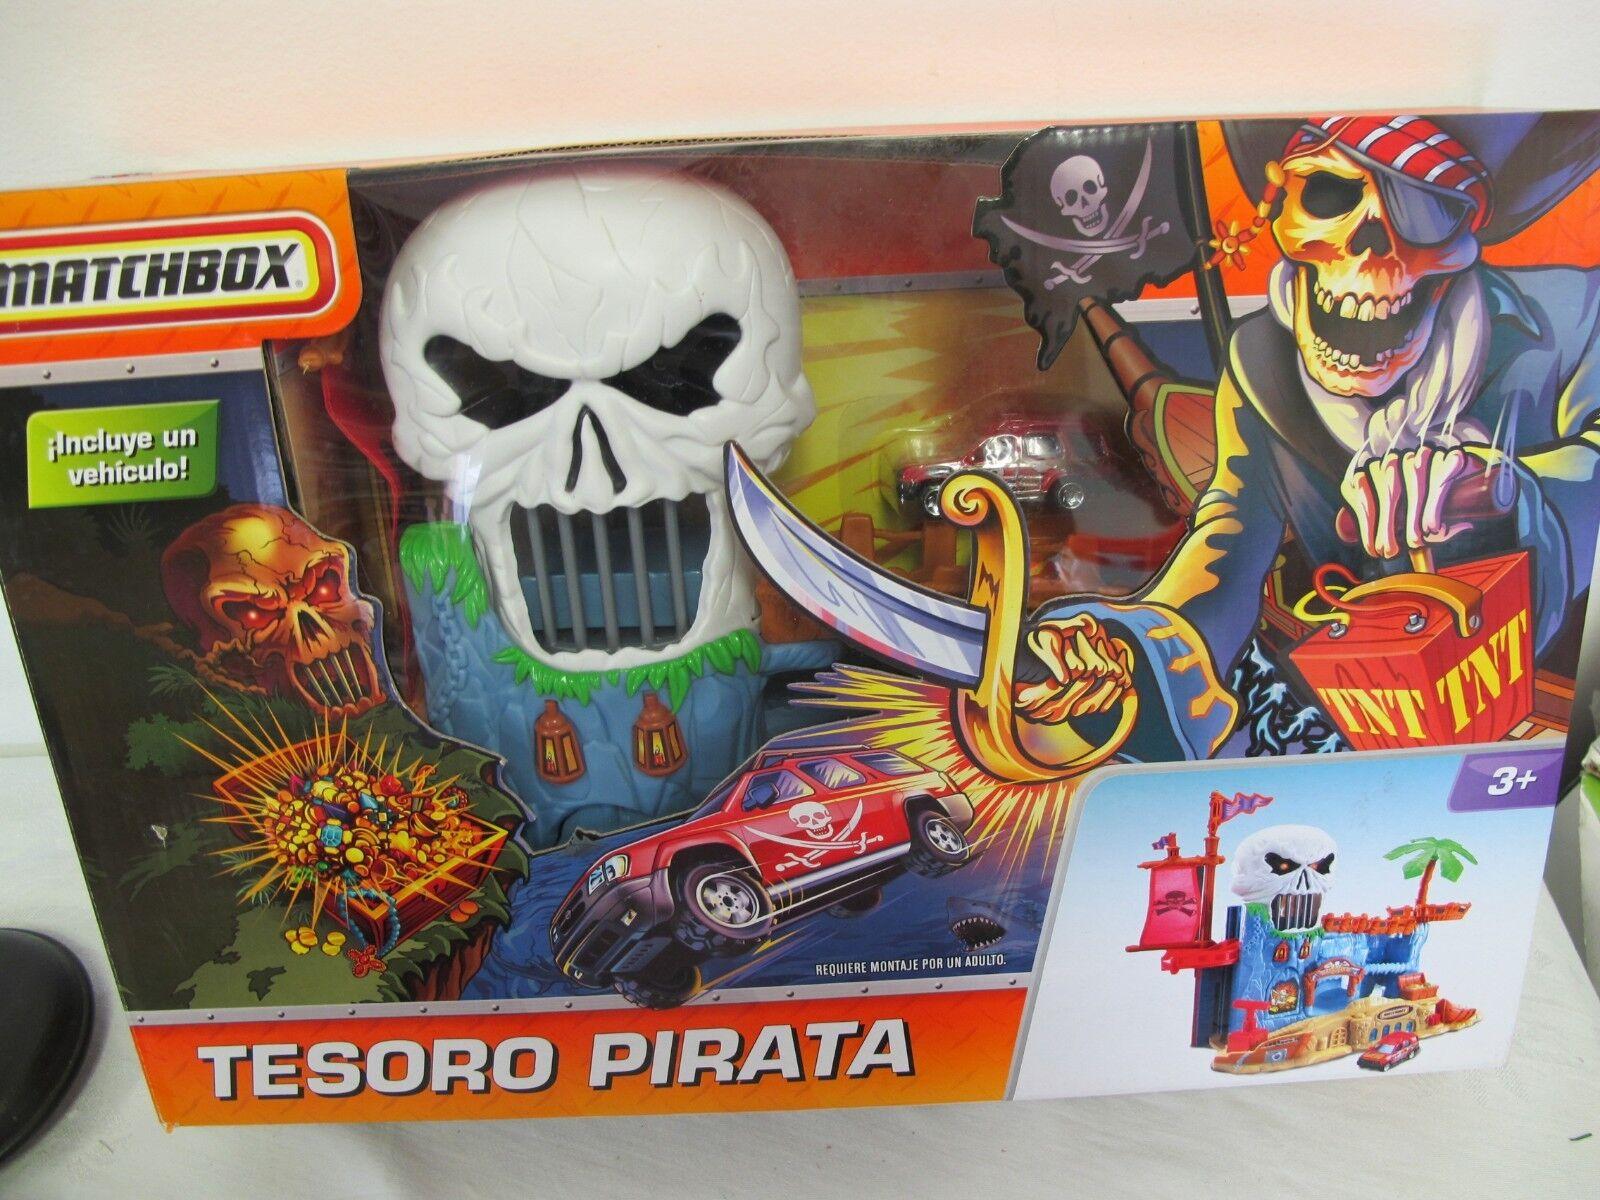 Matchbox ein piratenschatz tesGold pirata spanischen kasten schädel playset neue